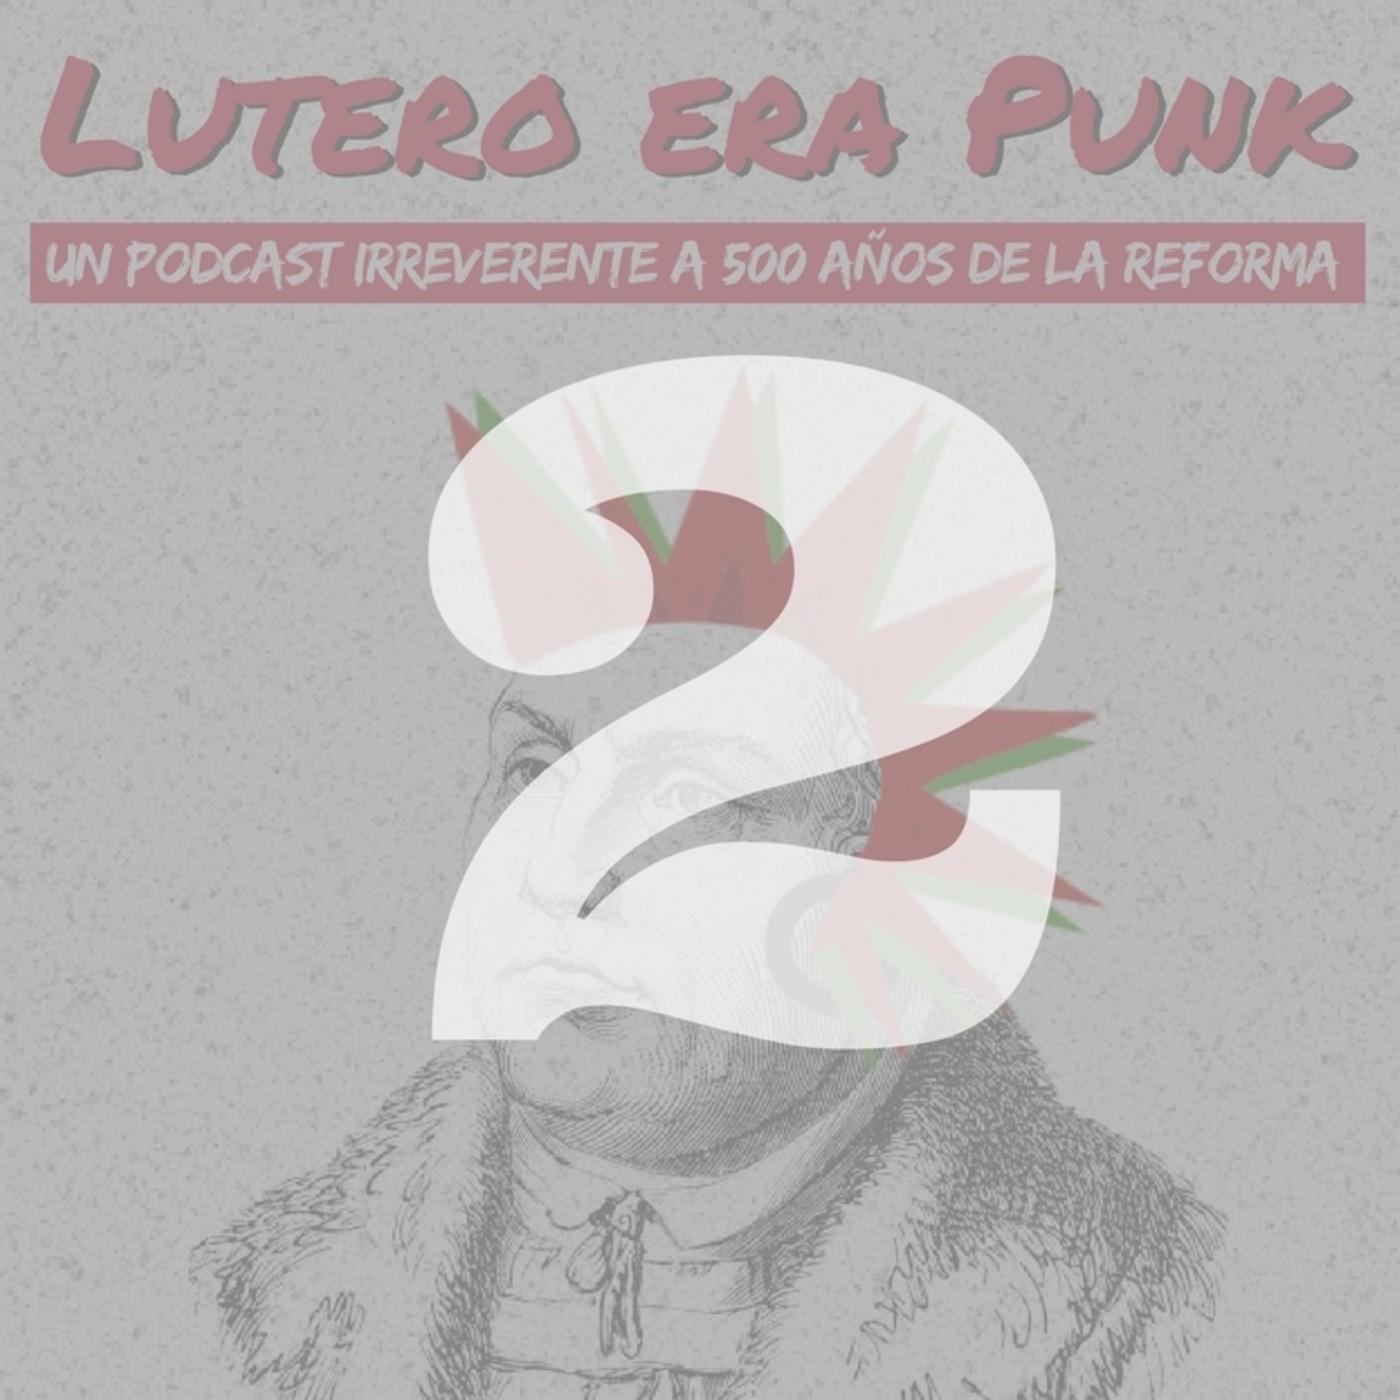 Lutero era punk | Capítulo 2